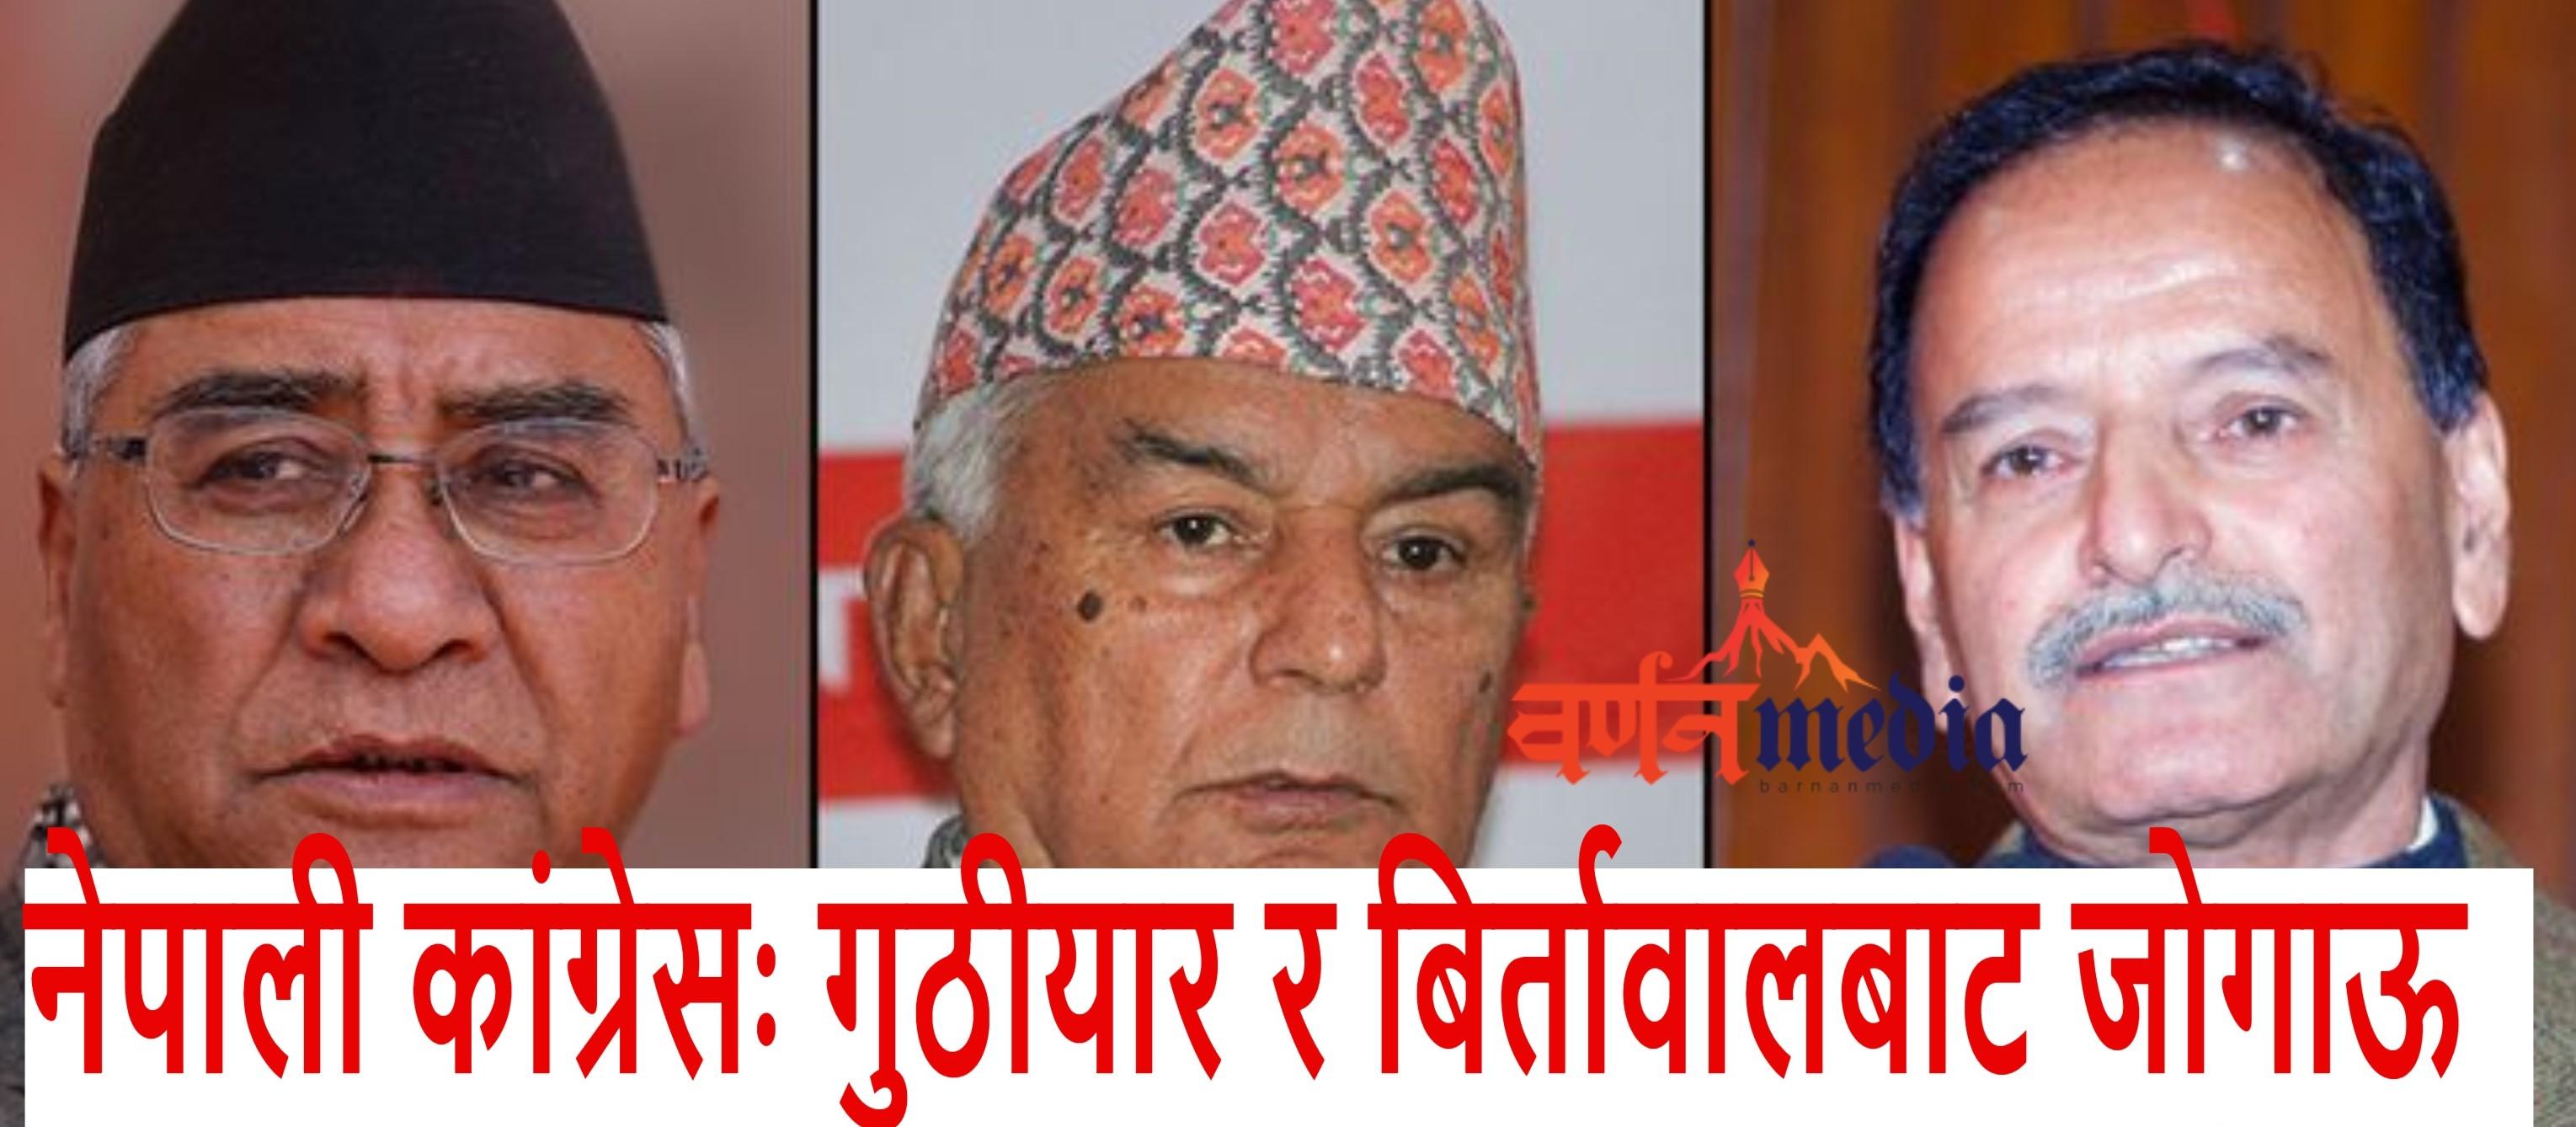 कांग्रेस पार्टी जाेगाउन देउवा, पाैडेल र सिटाैलालाई निषेध गर्नु अपरीहार्य